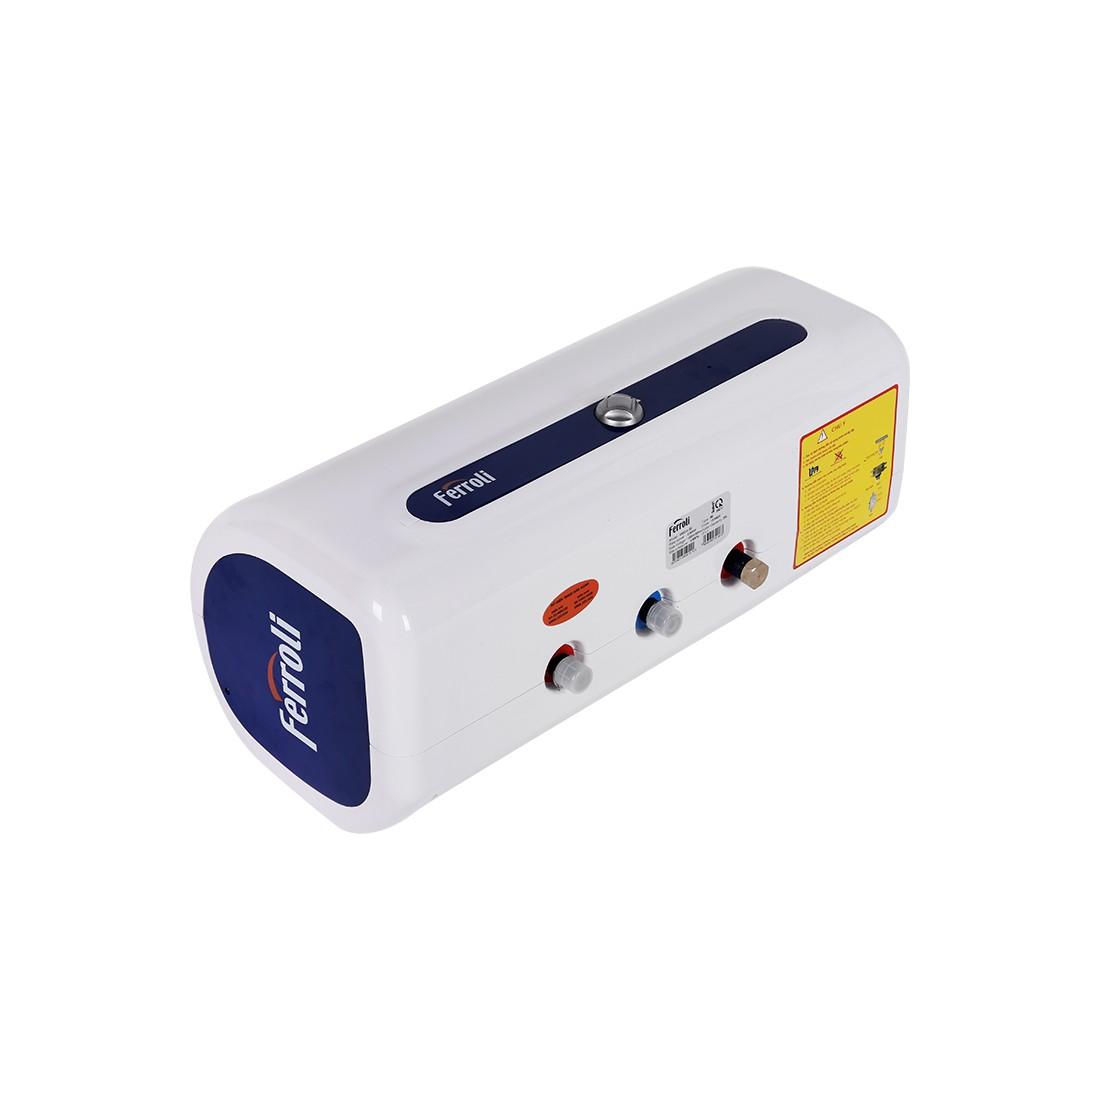 Bình nóng lạnh Ferroli QQ AE 15L (chống cặn, chống giật)-Thế